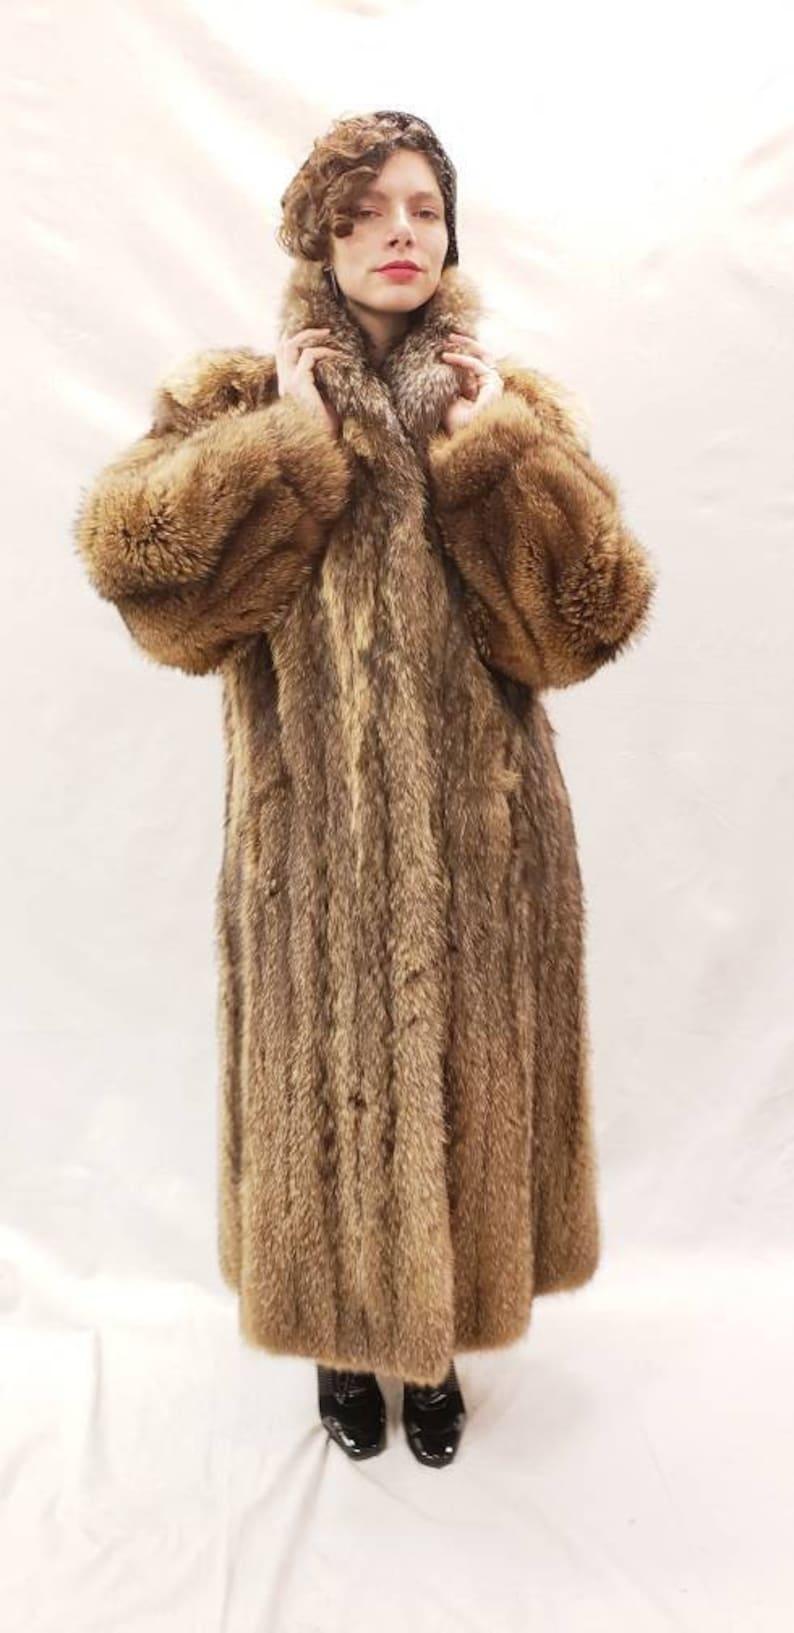 finest selection 03459 4a6b8 Jahrgang Fell Mantel /Full Länge Waschbär Pelz Mantel /80s tut der 30er  Jahre Stil Wintermantel / Old Hollywood Glam / mittlere bis große